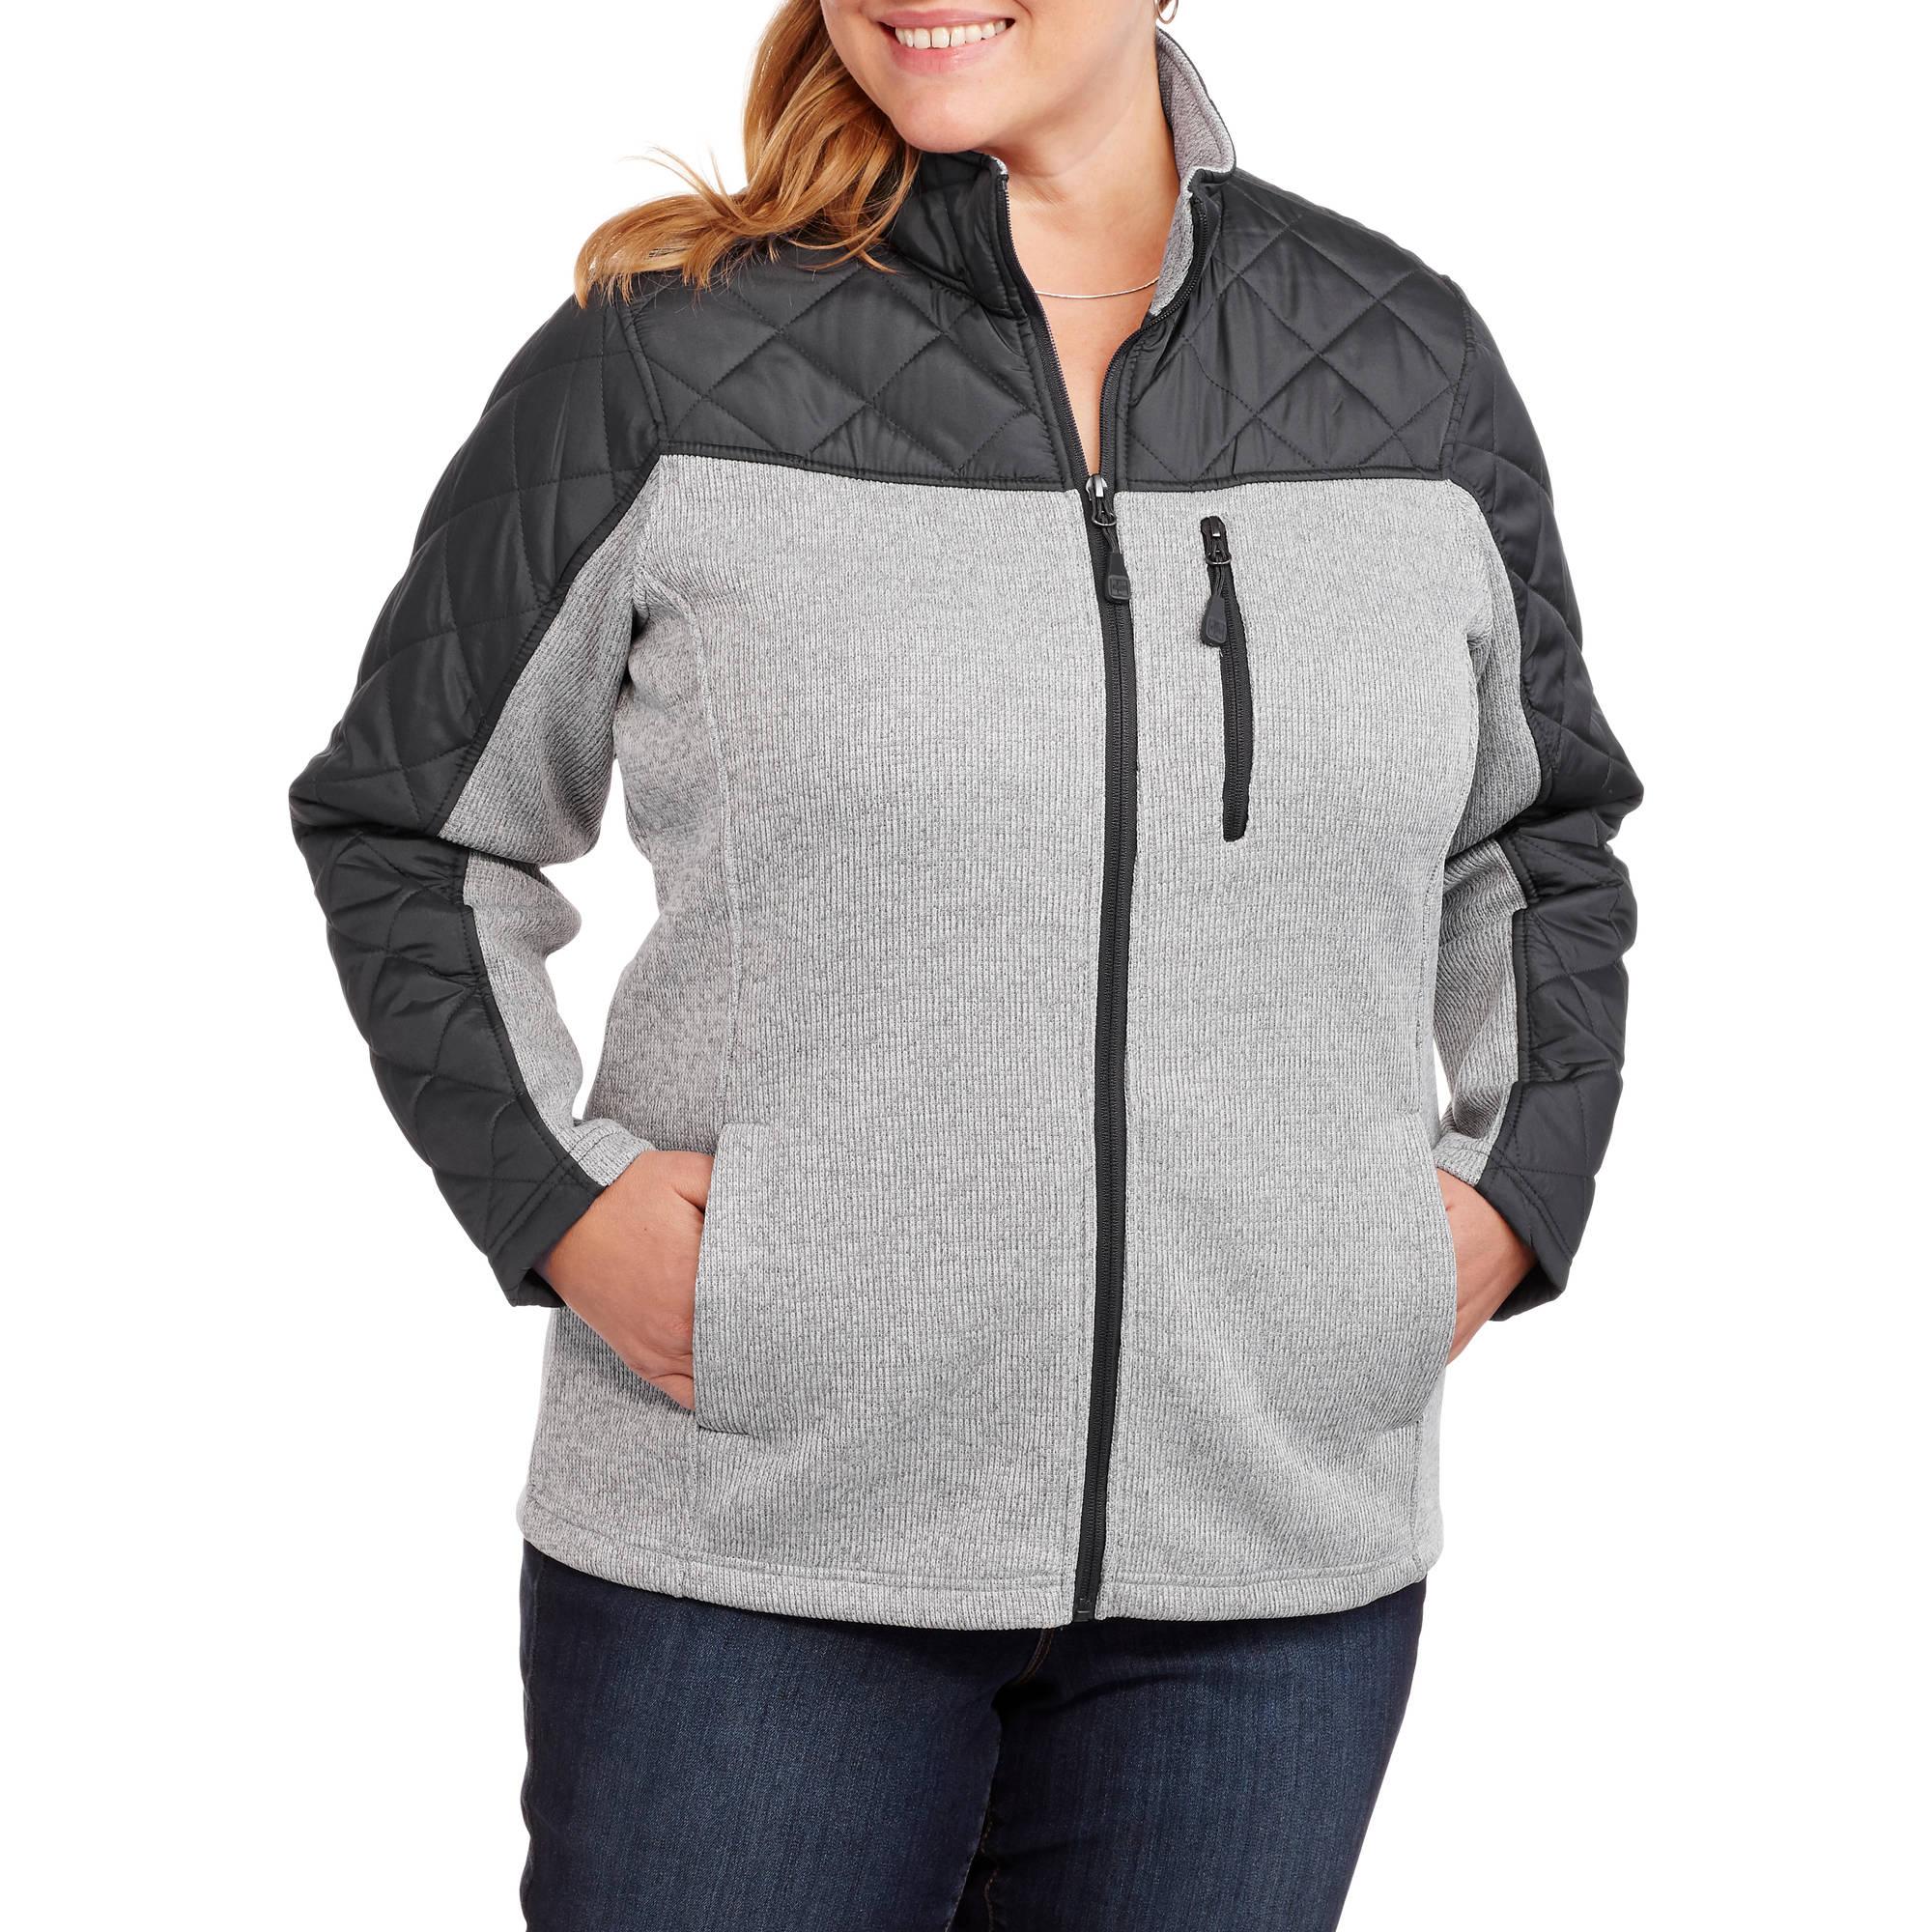 Swiss Tech Women's Plus-Size Quilted Tech Fleece Jacket